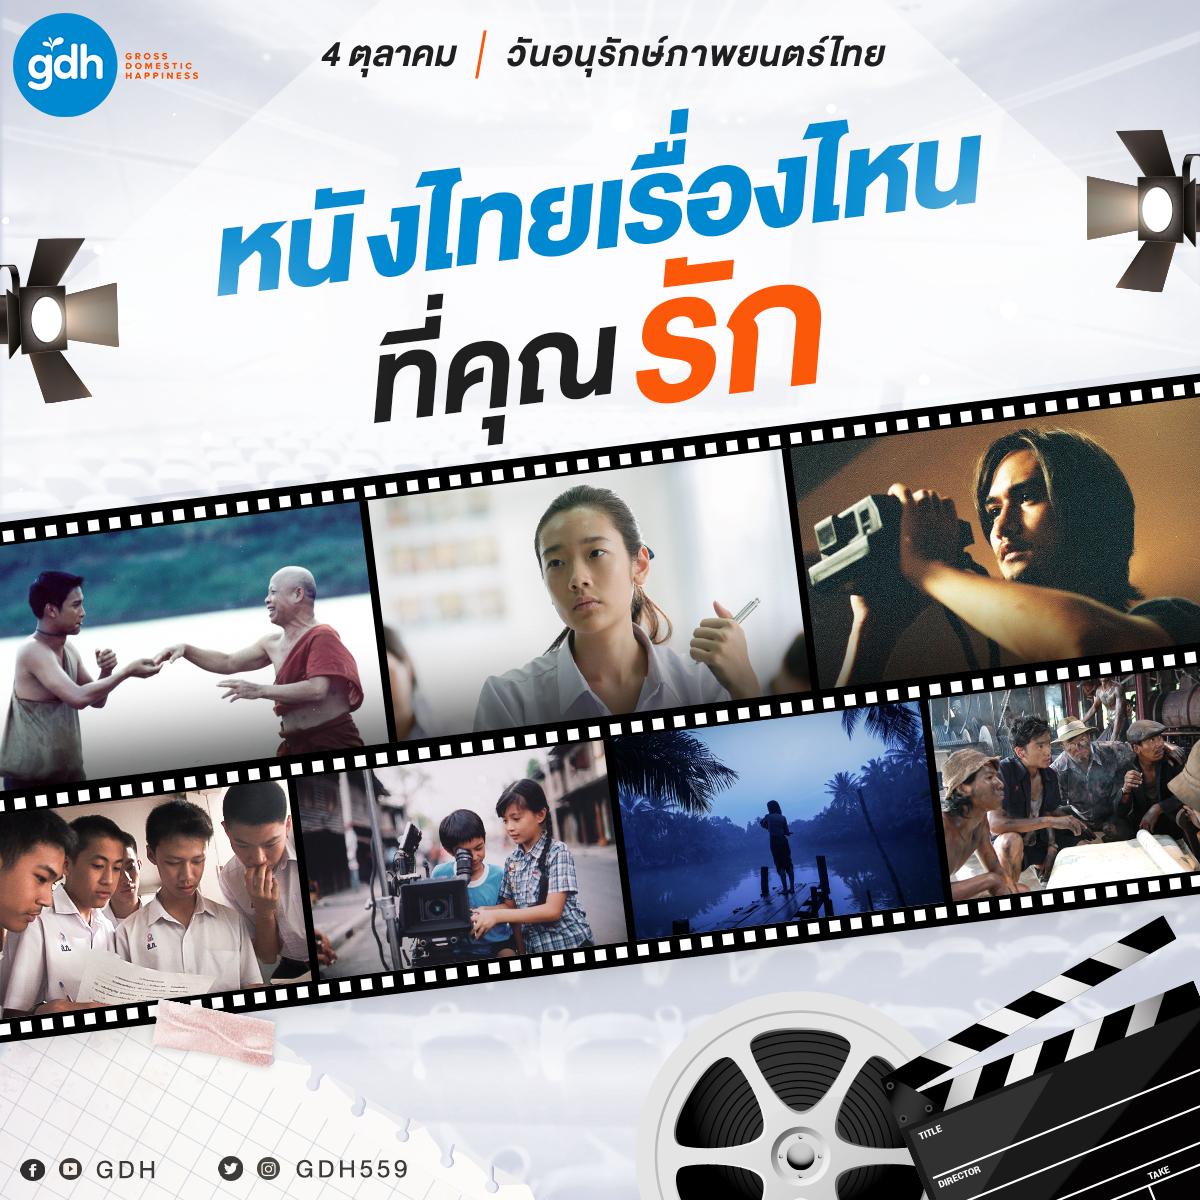 ขอเสียงคนรักหนังไทย :)  บอกกันหน่อยว่าหนังไทยเรื่องไหน  คือหนังในดวงใจของคุณ   #วันอนุรักษ์ภาพยนตร์ไทย https://t.co/0fCqqiAd8z